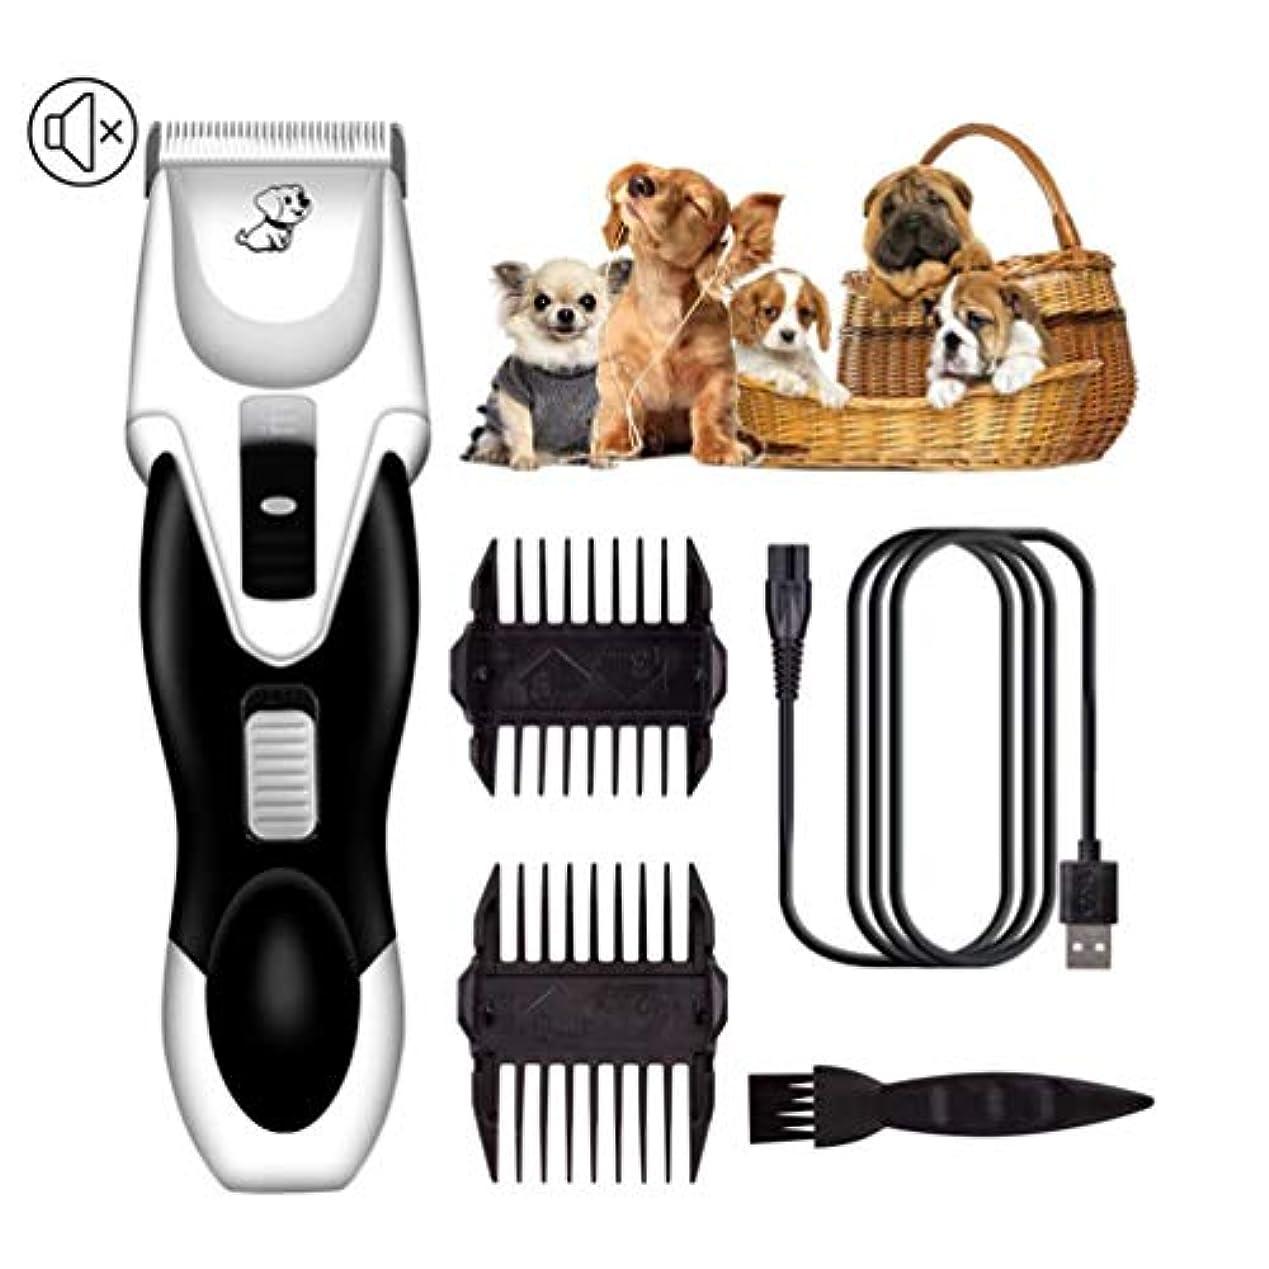 シンプルさ合わせて真空モダン バリカントリマーペットシェーバー犬クリッパーテディ犬ヘアクリッパープッシャーポータブル多機能 高品質, Black